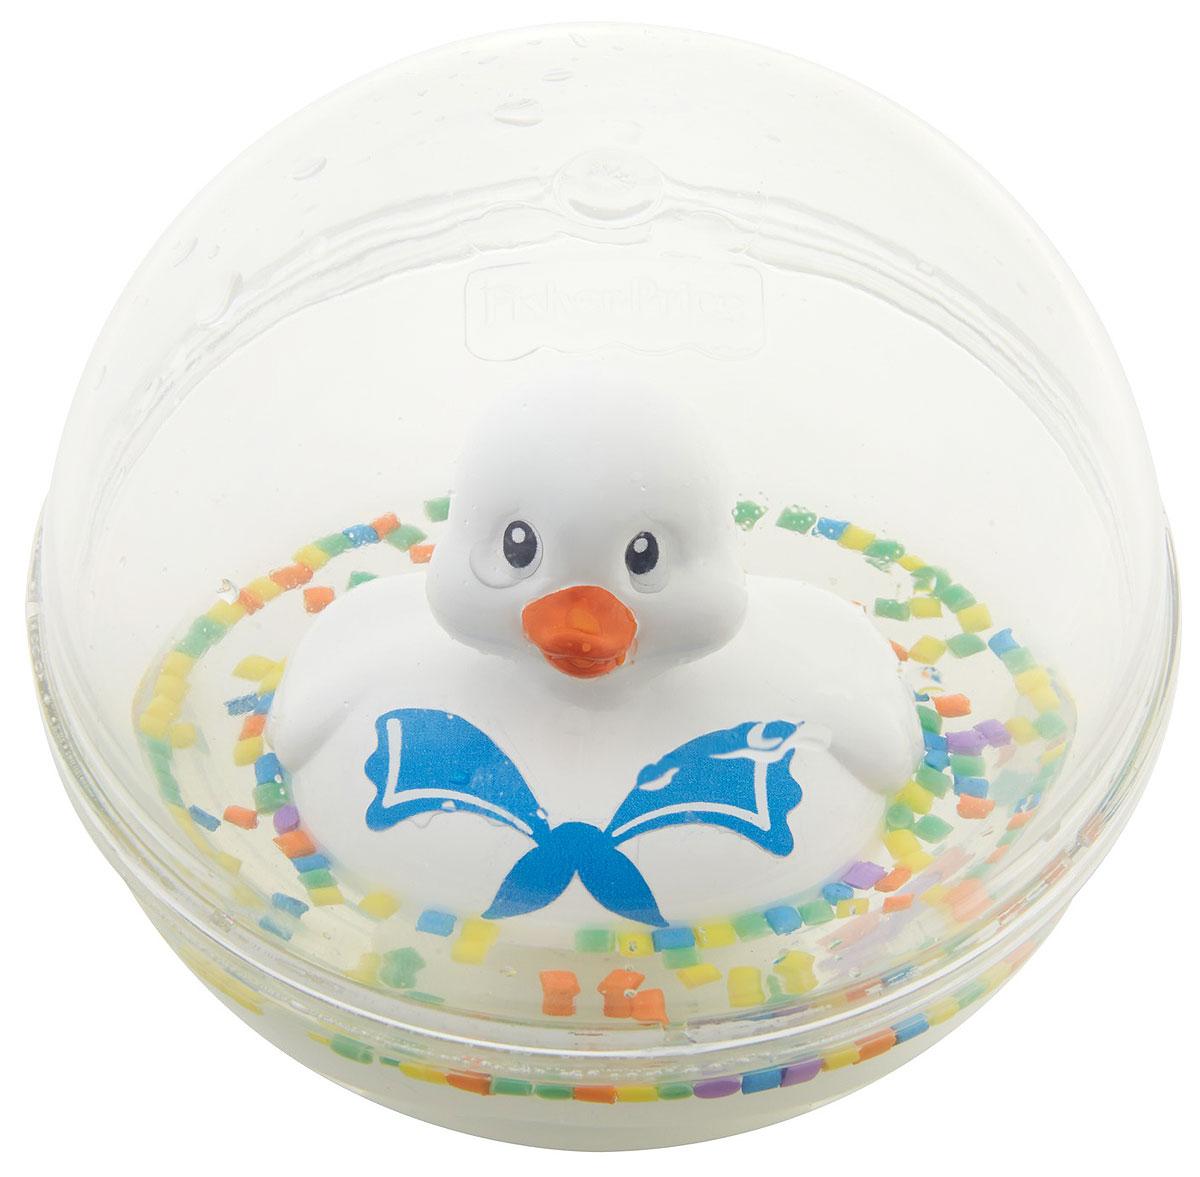 Fisher Price Развивающая игрушка Уточка цвет белыйDVH21_DRD81Развивающая игрушка Fisher Price Уточка - это новый взгляд на игрушку-бестселлер со свежим дизайном и дополнительными узорами. Классическая модель игры для малышей. Игрушка представляет собой пластиковую уточку, плавающую в жидкости в прозрачном пластиковом шаре. Играть с такой уточкой можно не только в ванной, но и в любом удобном месте.